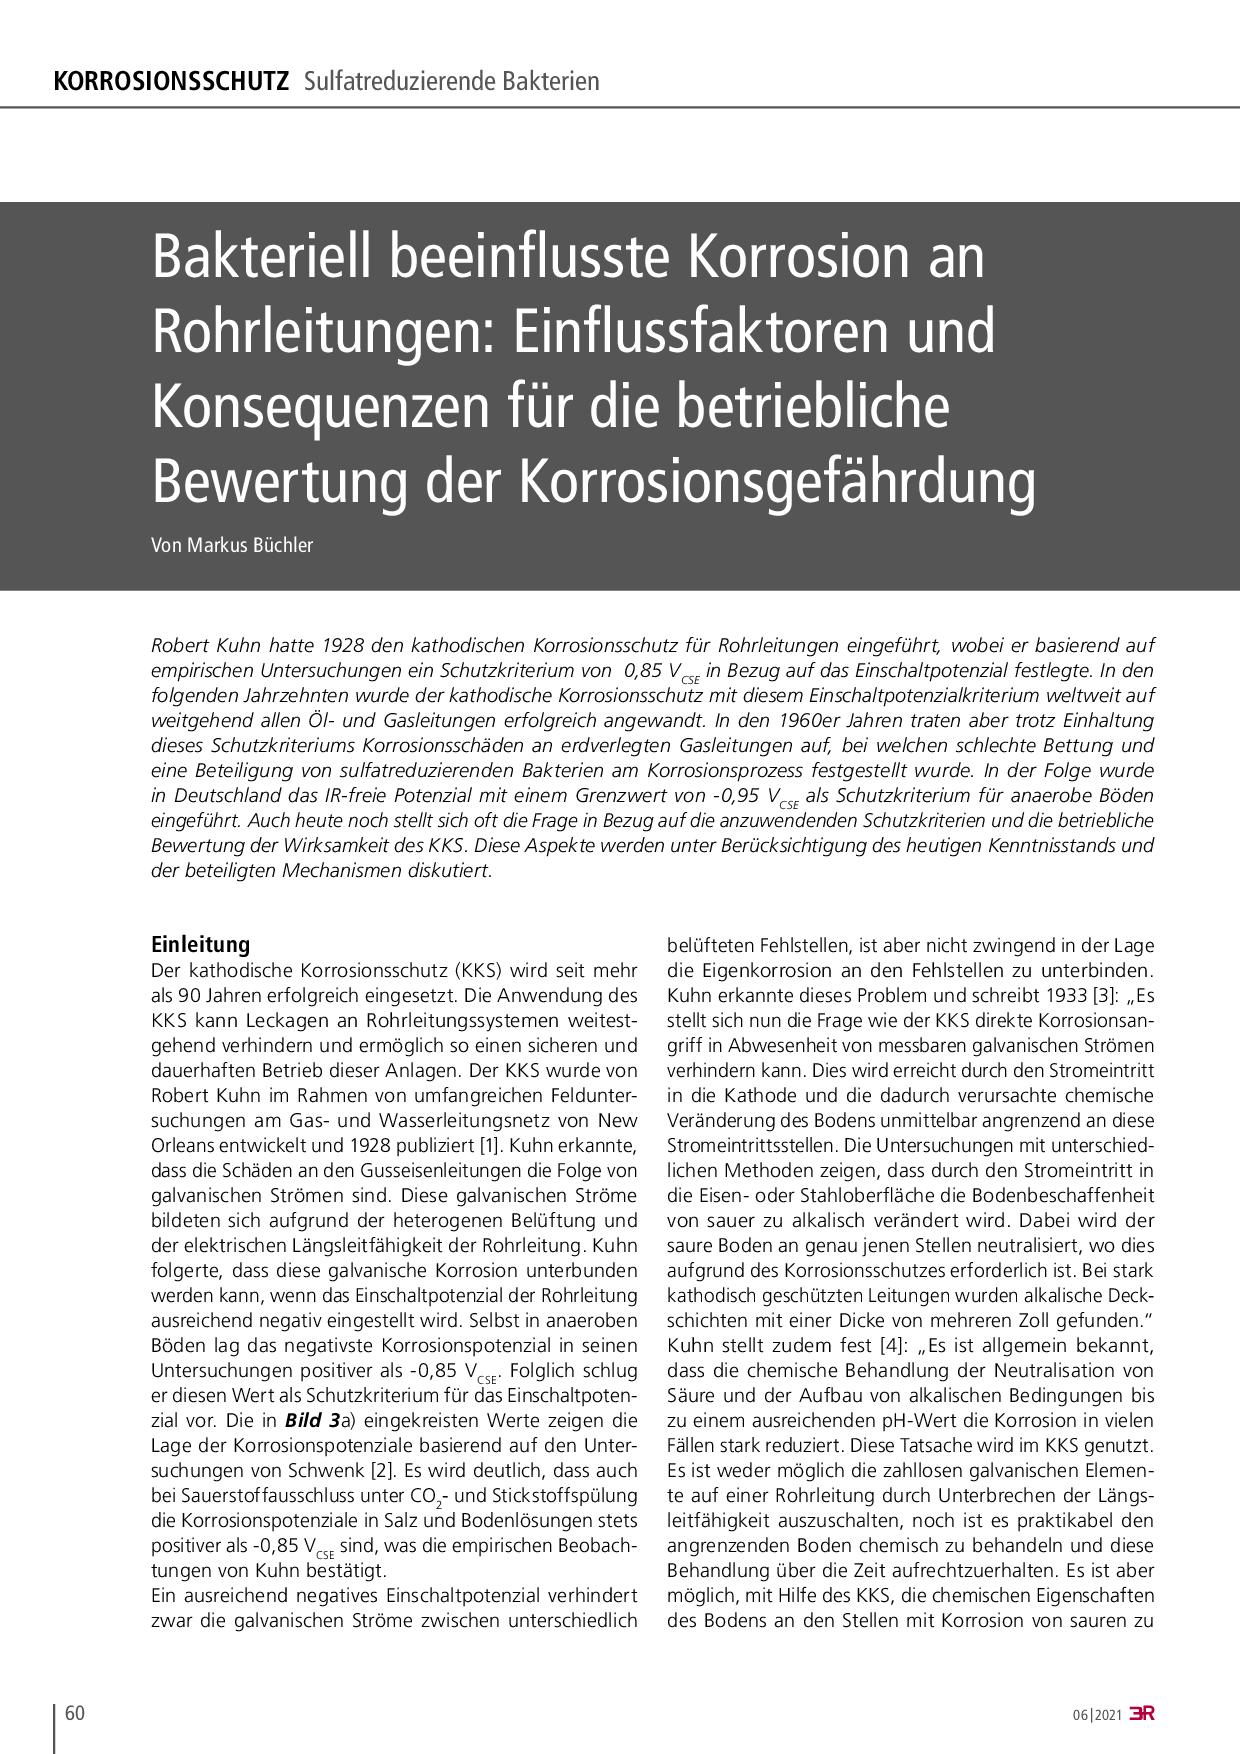 Bakteriell beeinflusste Korrosion an Rohrleitungen: Einflussfaktoren und Konsequenzen für die betriebliche Bewertung der Korrosionsgefährdung